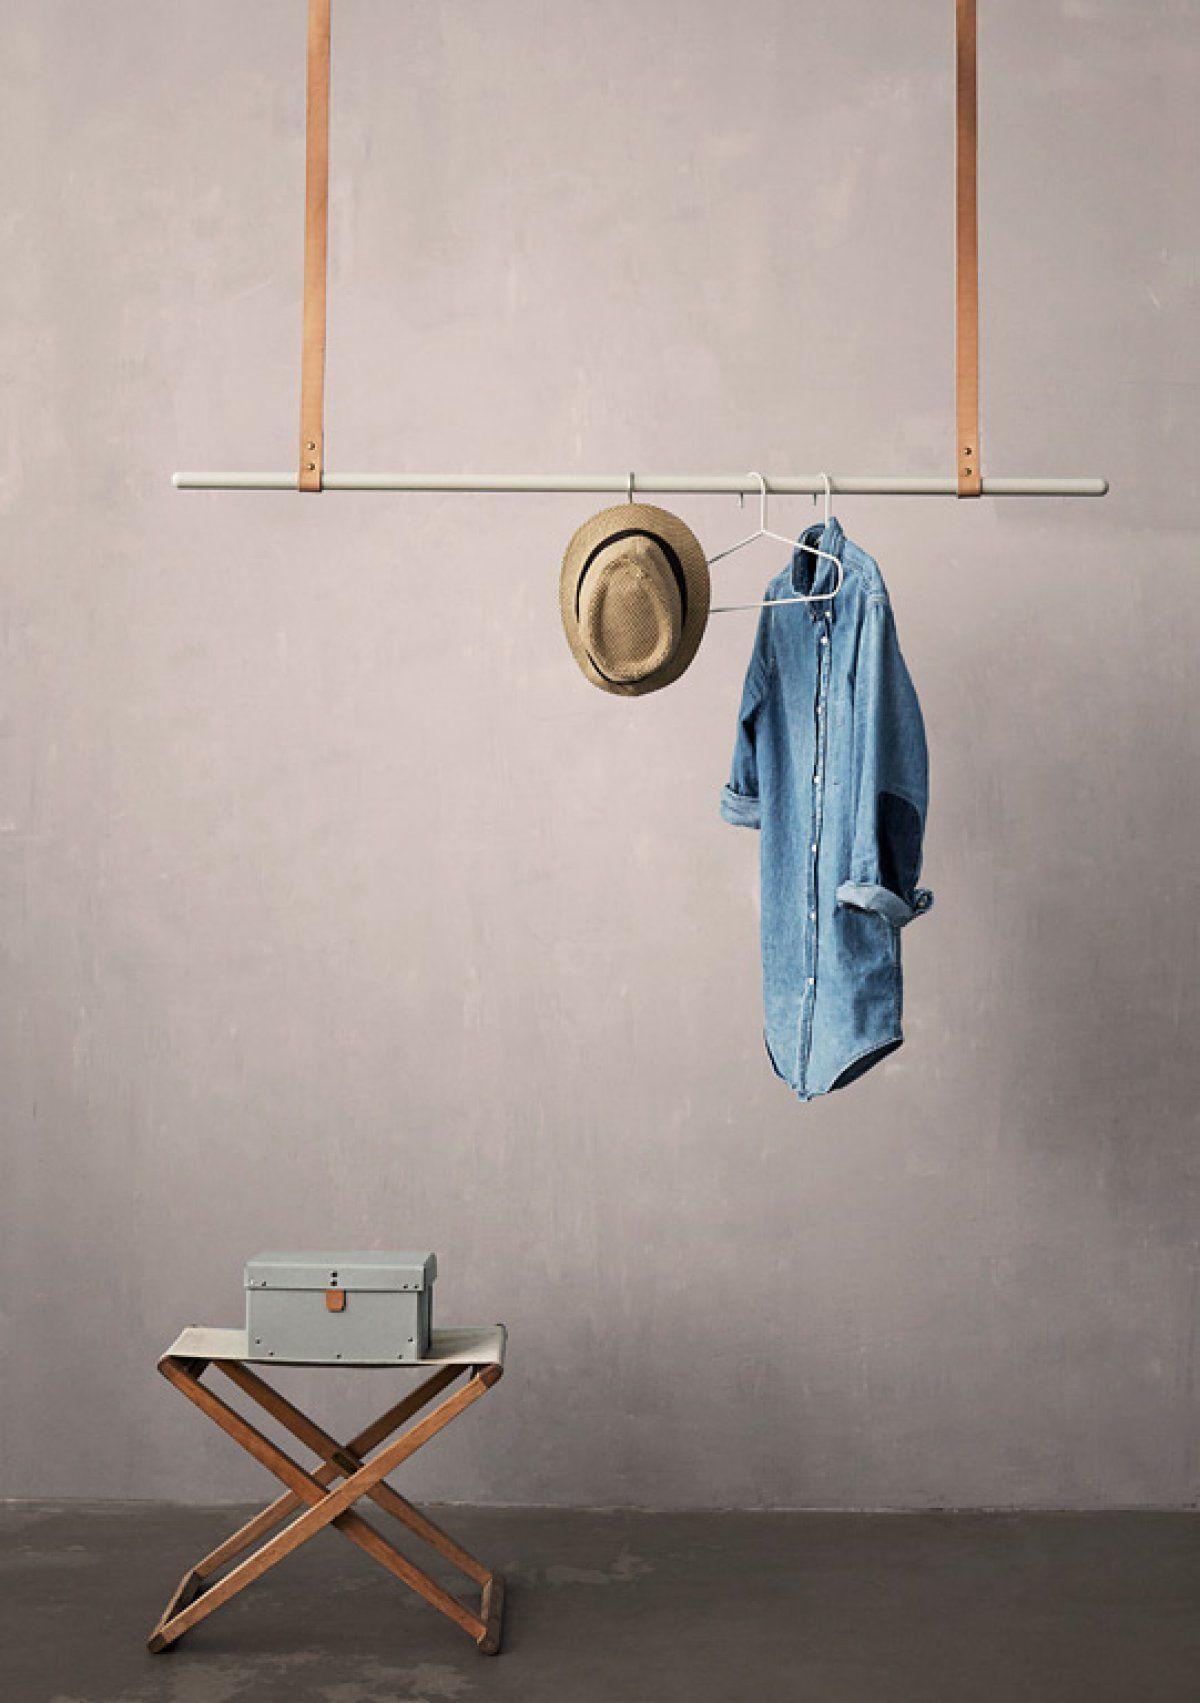 Schöne Alternative Zum Kleiderschrank: Diese Kleiderstangen Setzen Jacken,  Hemden Und Kleider Ins Rechte Licht.